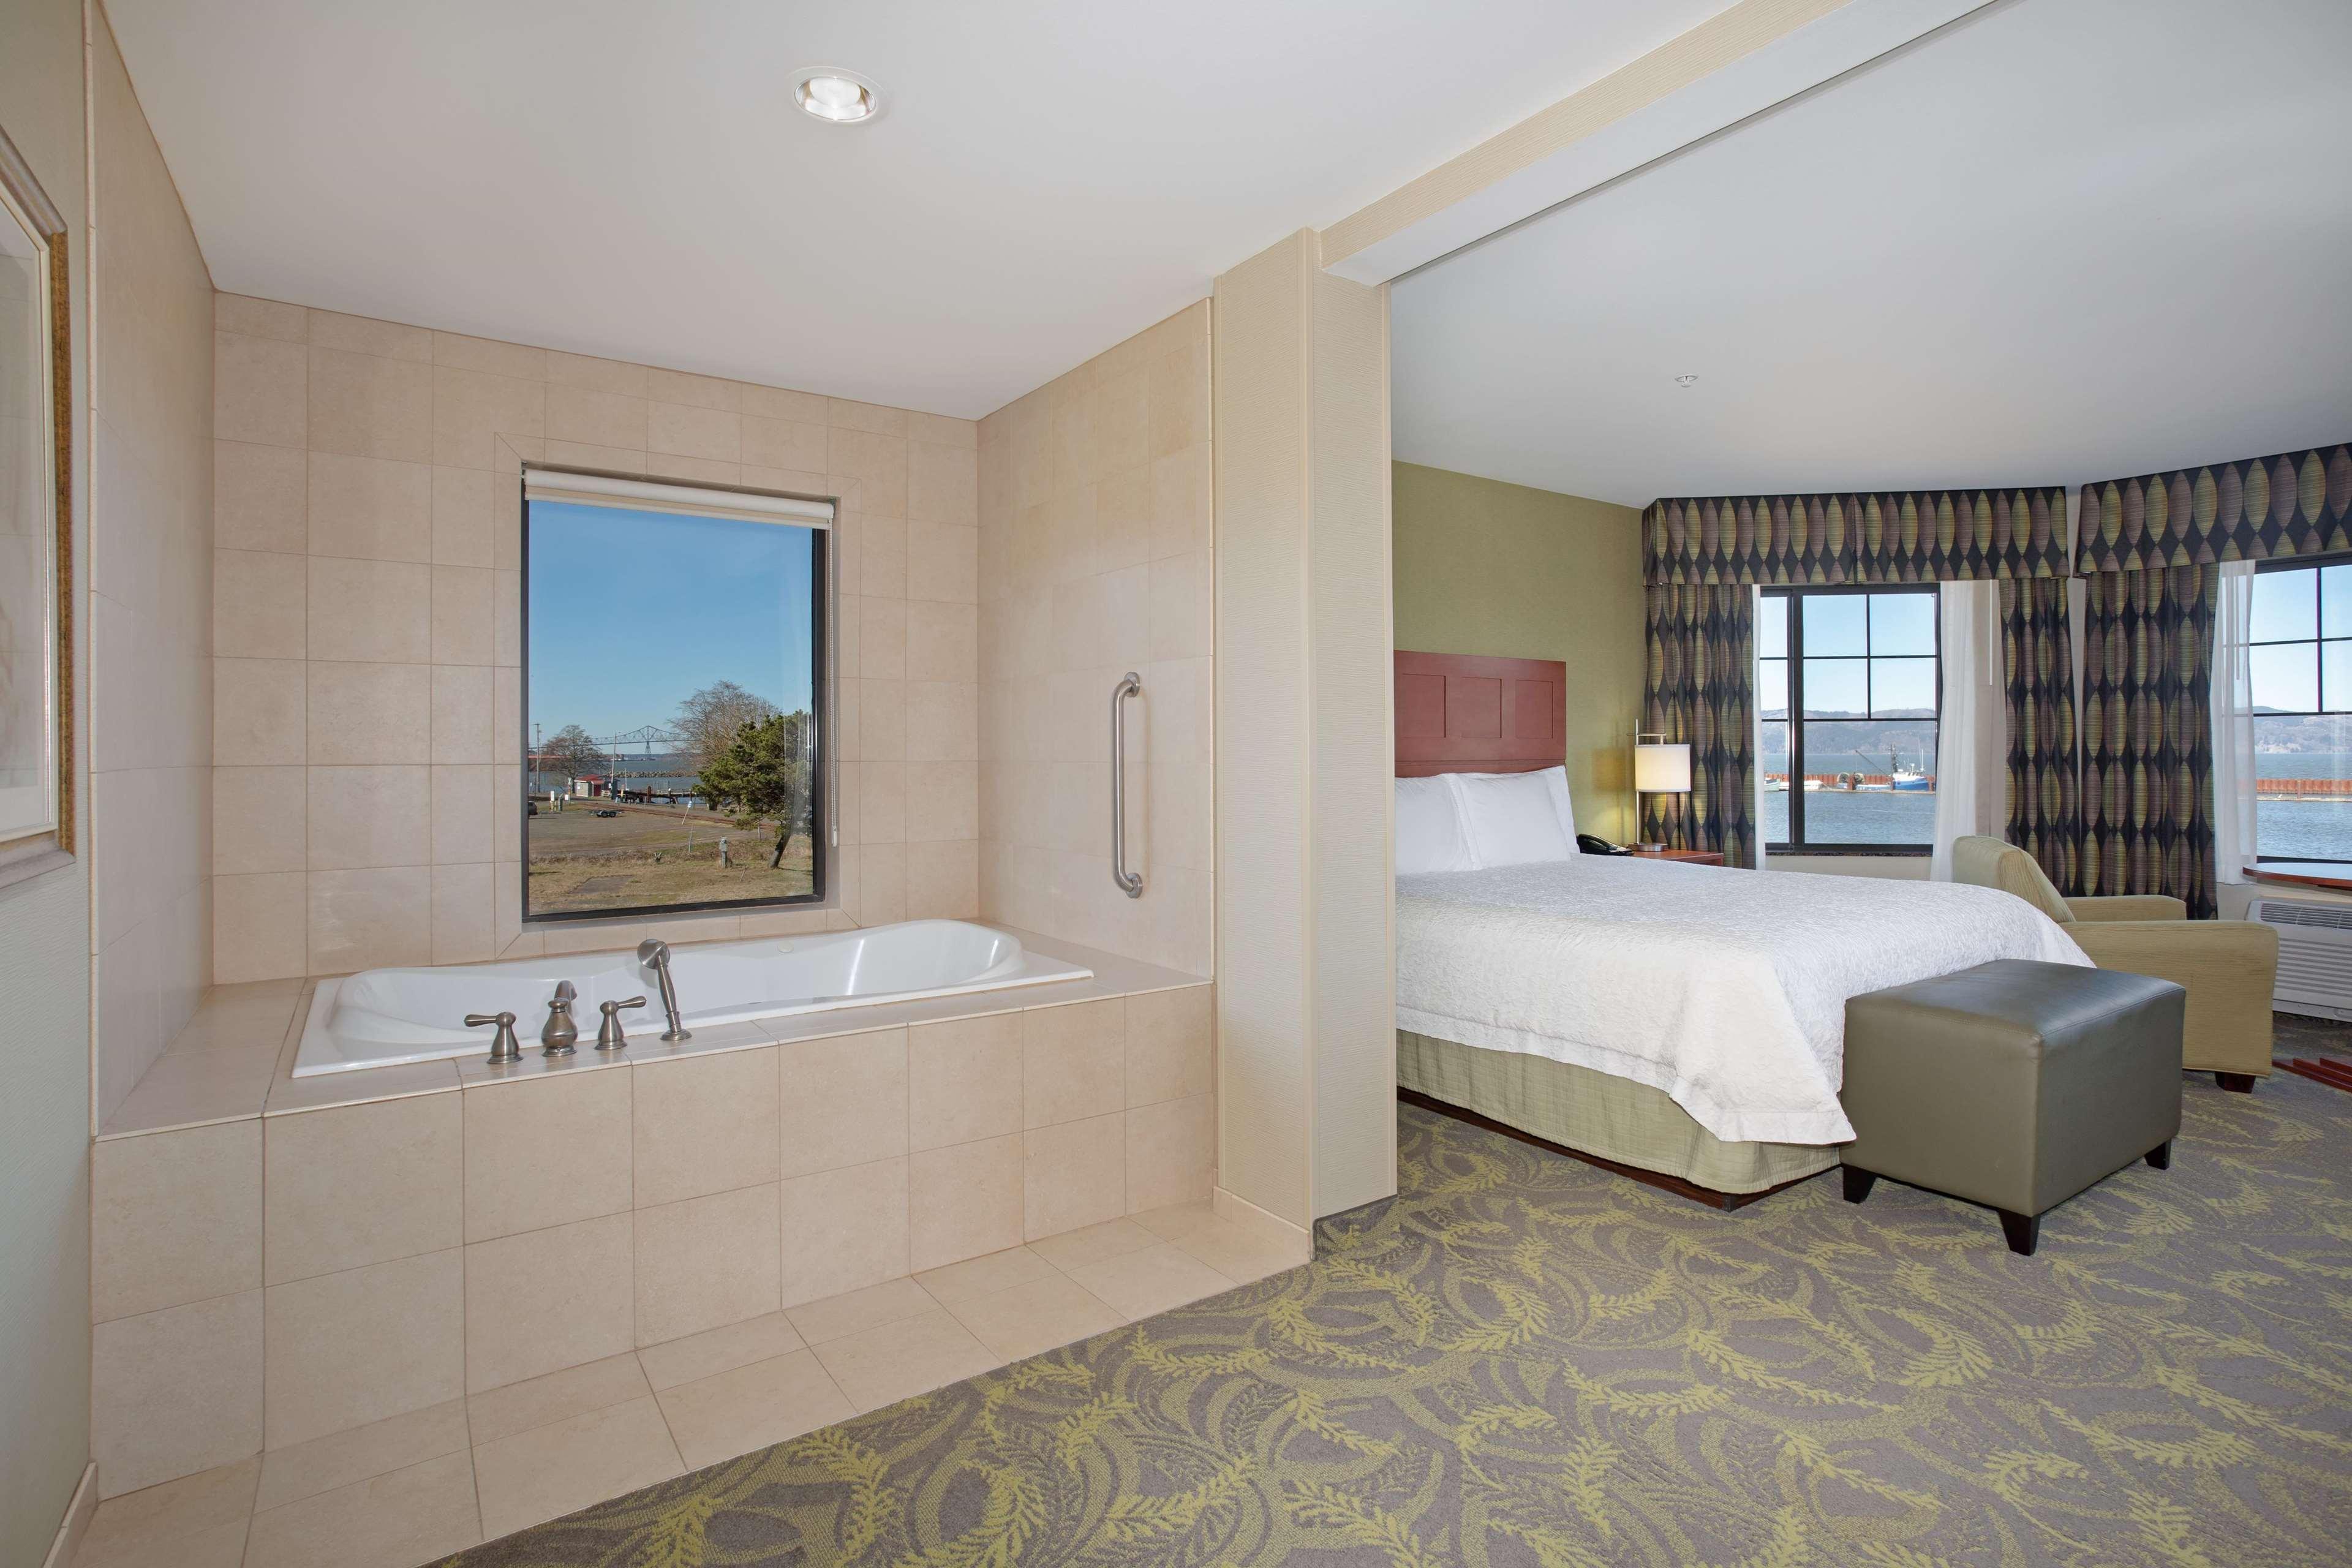 Hampton Inn & Suites Astoria image 25